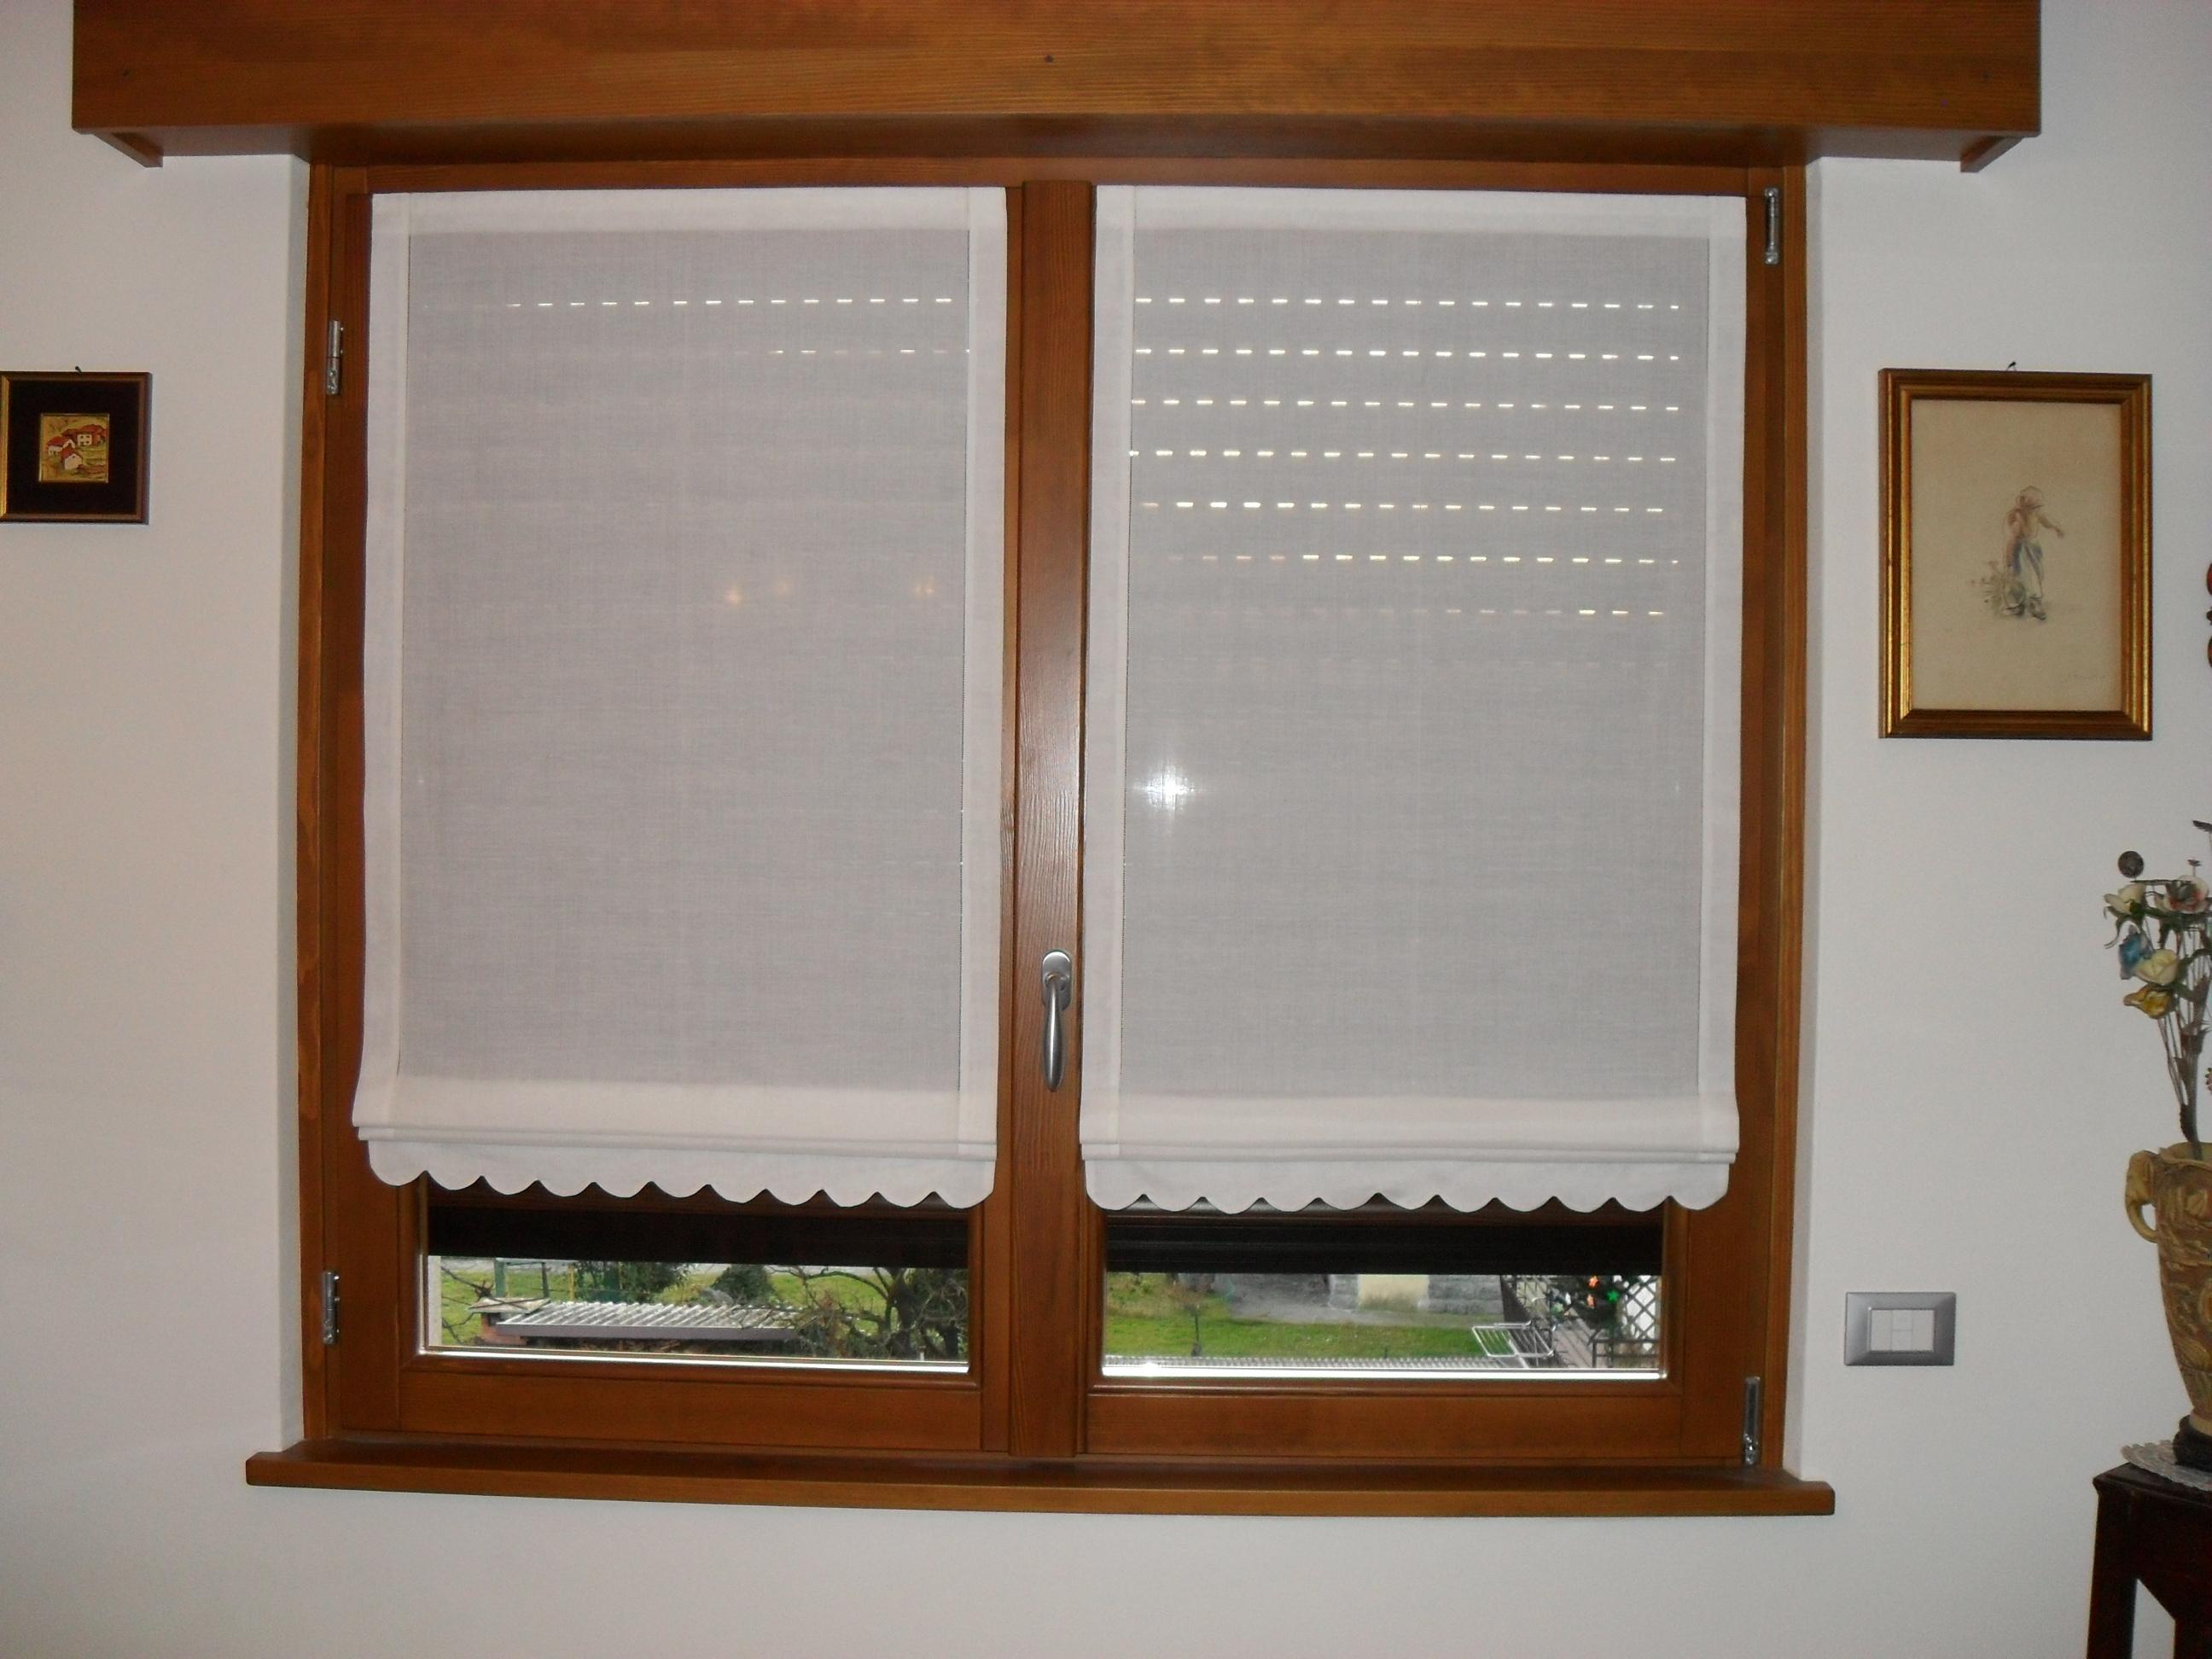 Prodotti tessilcasa arreda correda for Tende cucina a vetro